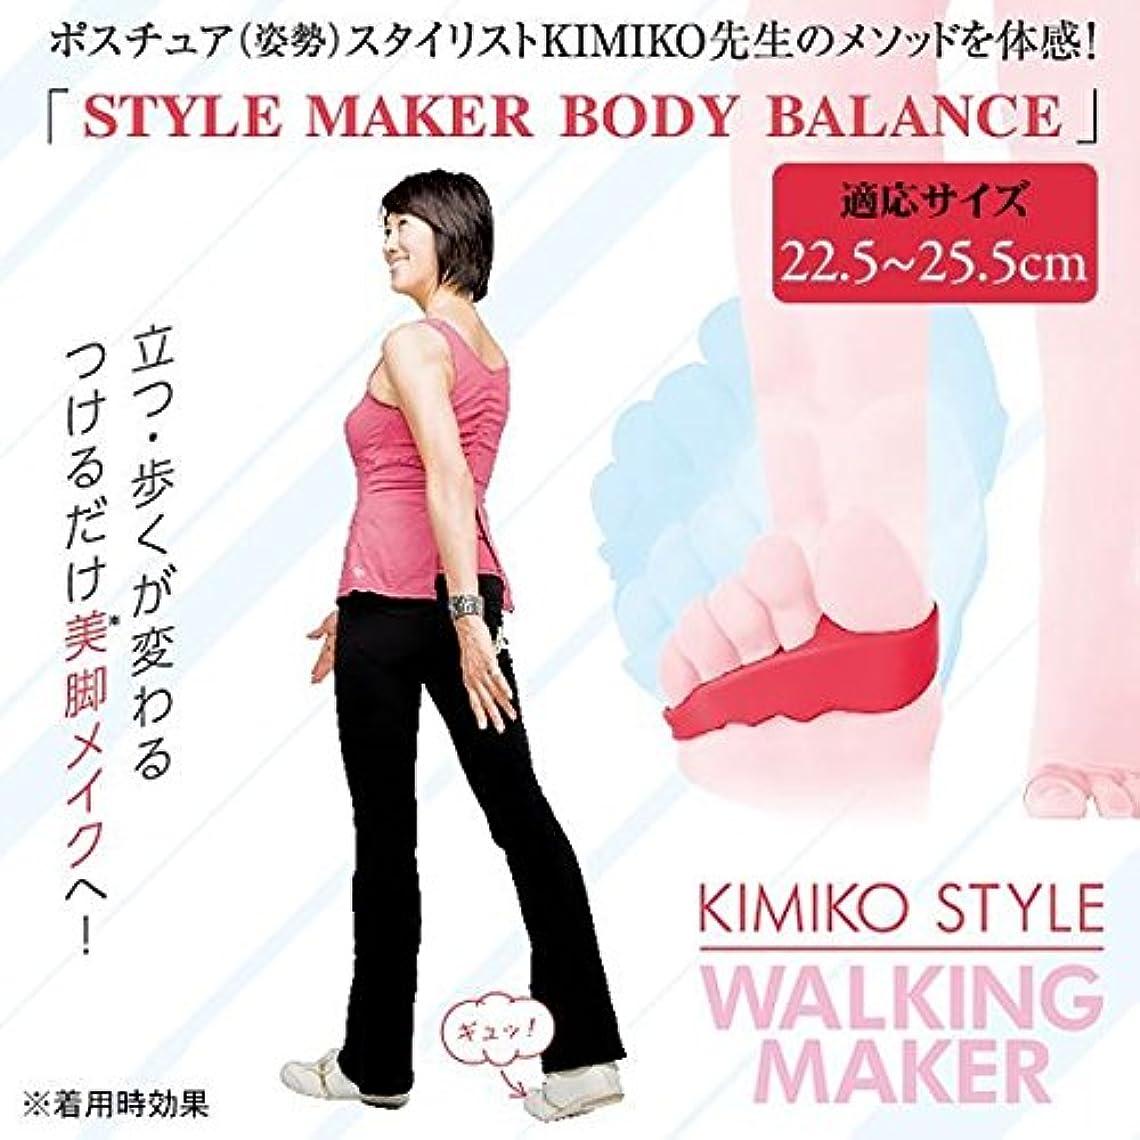 確認する我慢するちょっと待ってKIMIKO STYLE(キミコスタイル) WALKING MAKER(ウォーキングメーカー) 1足入